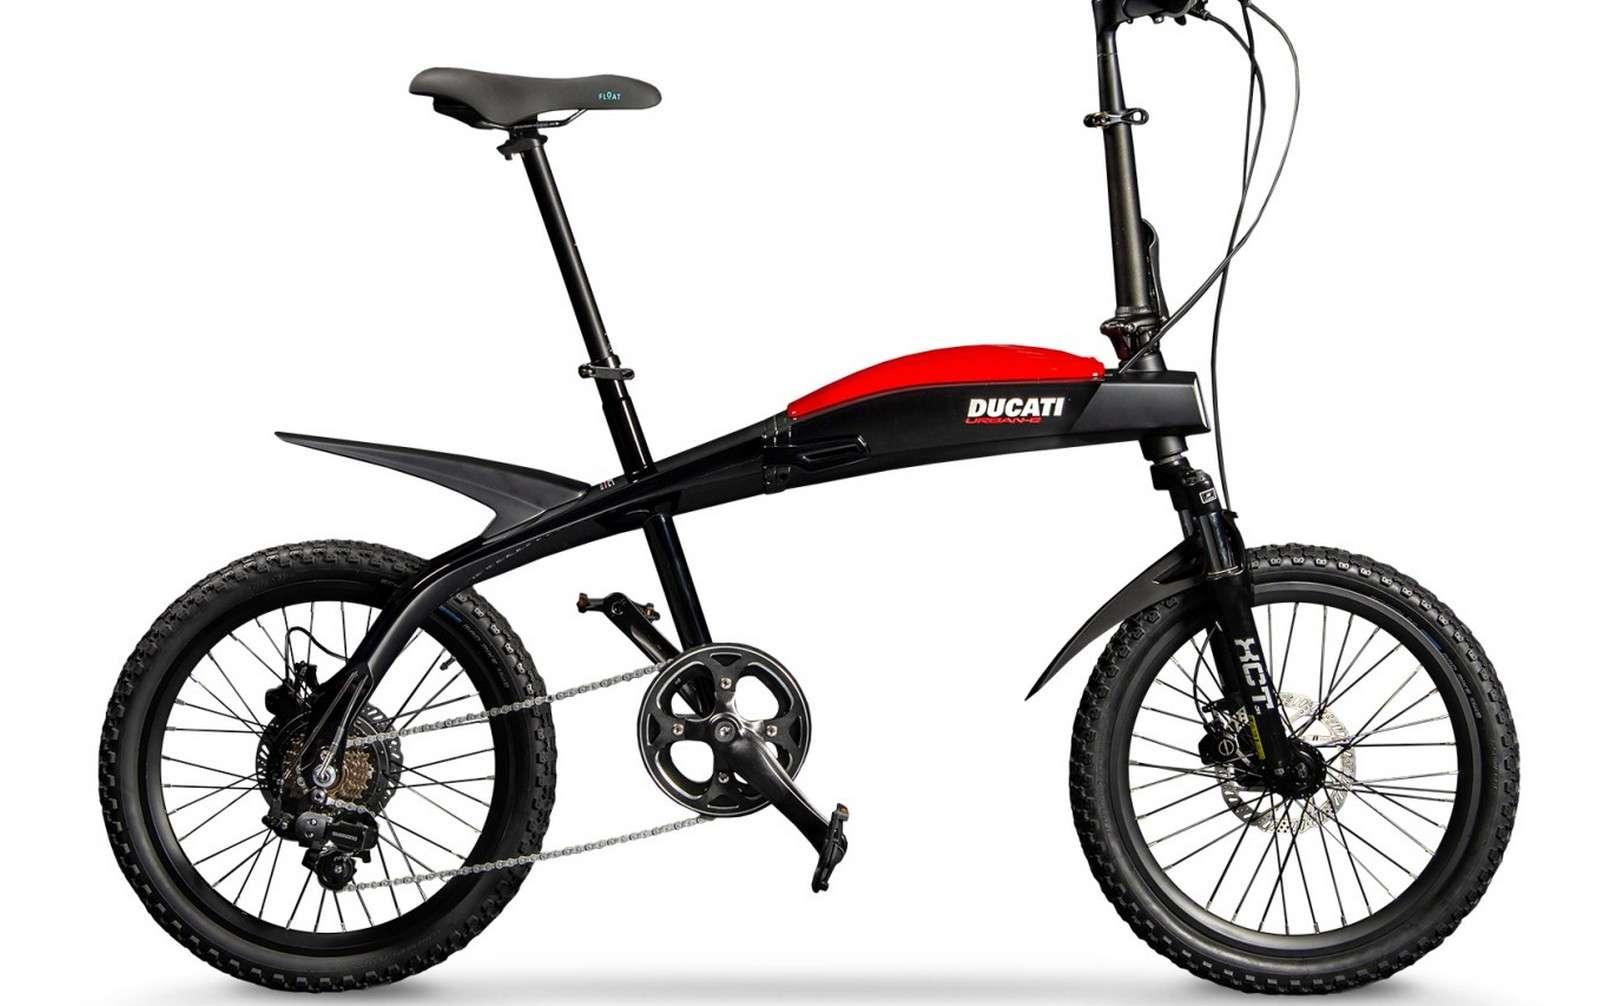 Le Ducati Urban-E joue sur l'élégance à l'italienne avec son design signé Giugiaro. © Ducati